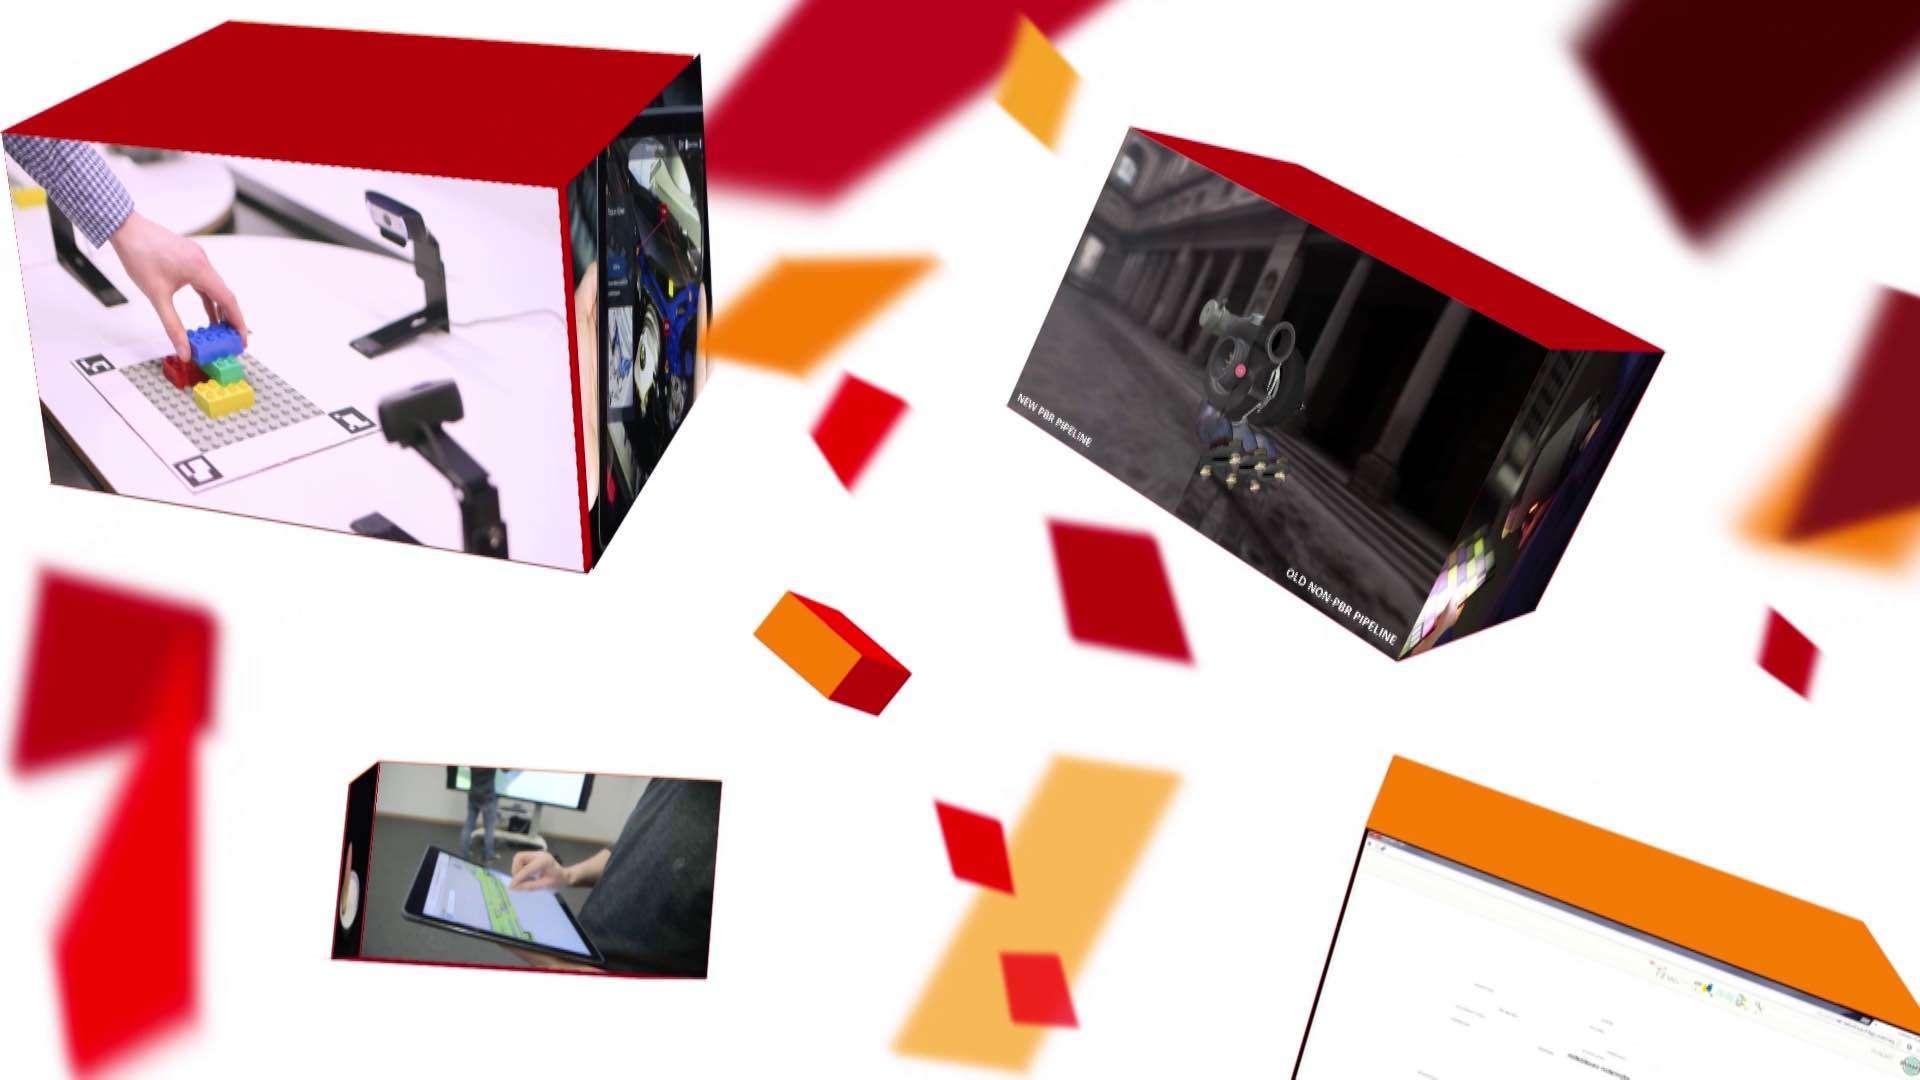 Mehrere farbige Boxen zeigen Bildausschnitte aus einem Erklärfilm